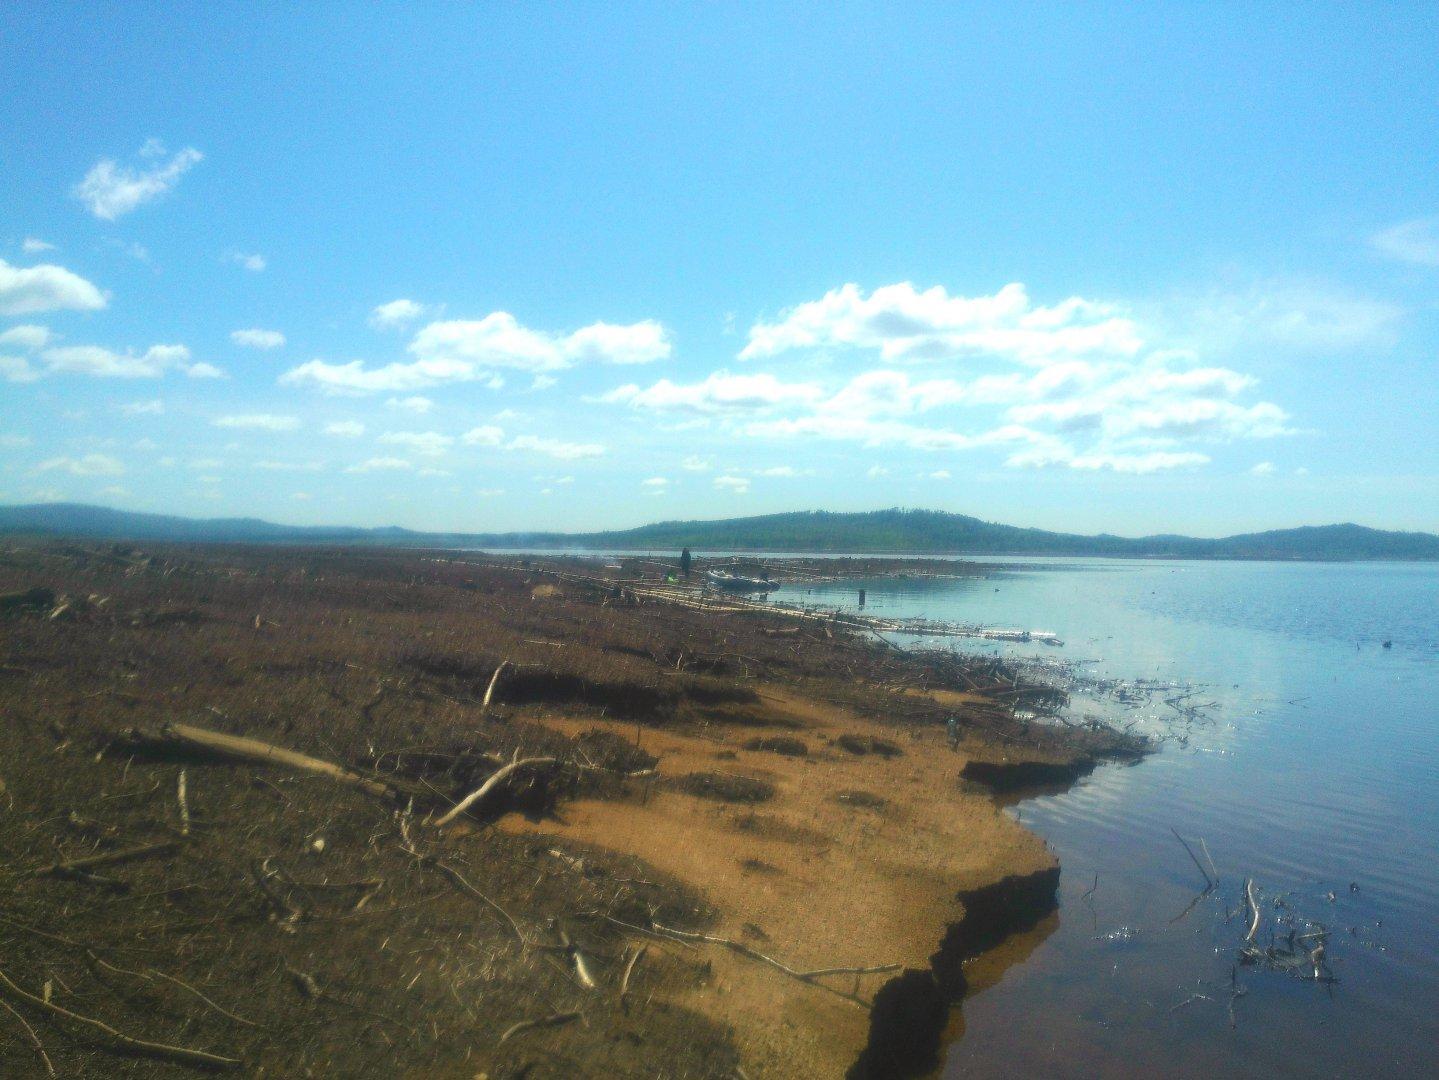 прогноз клева на озере давлетово на 10 дней